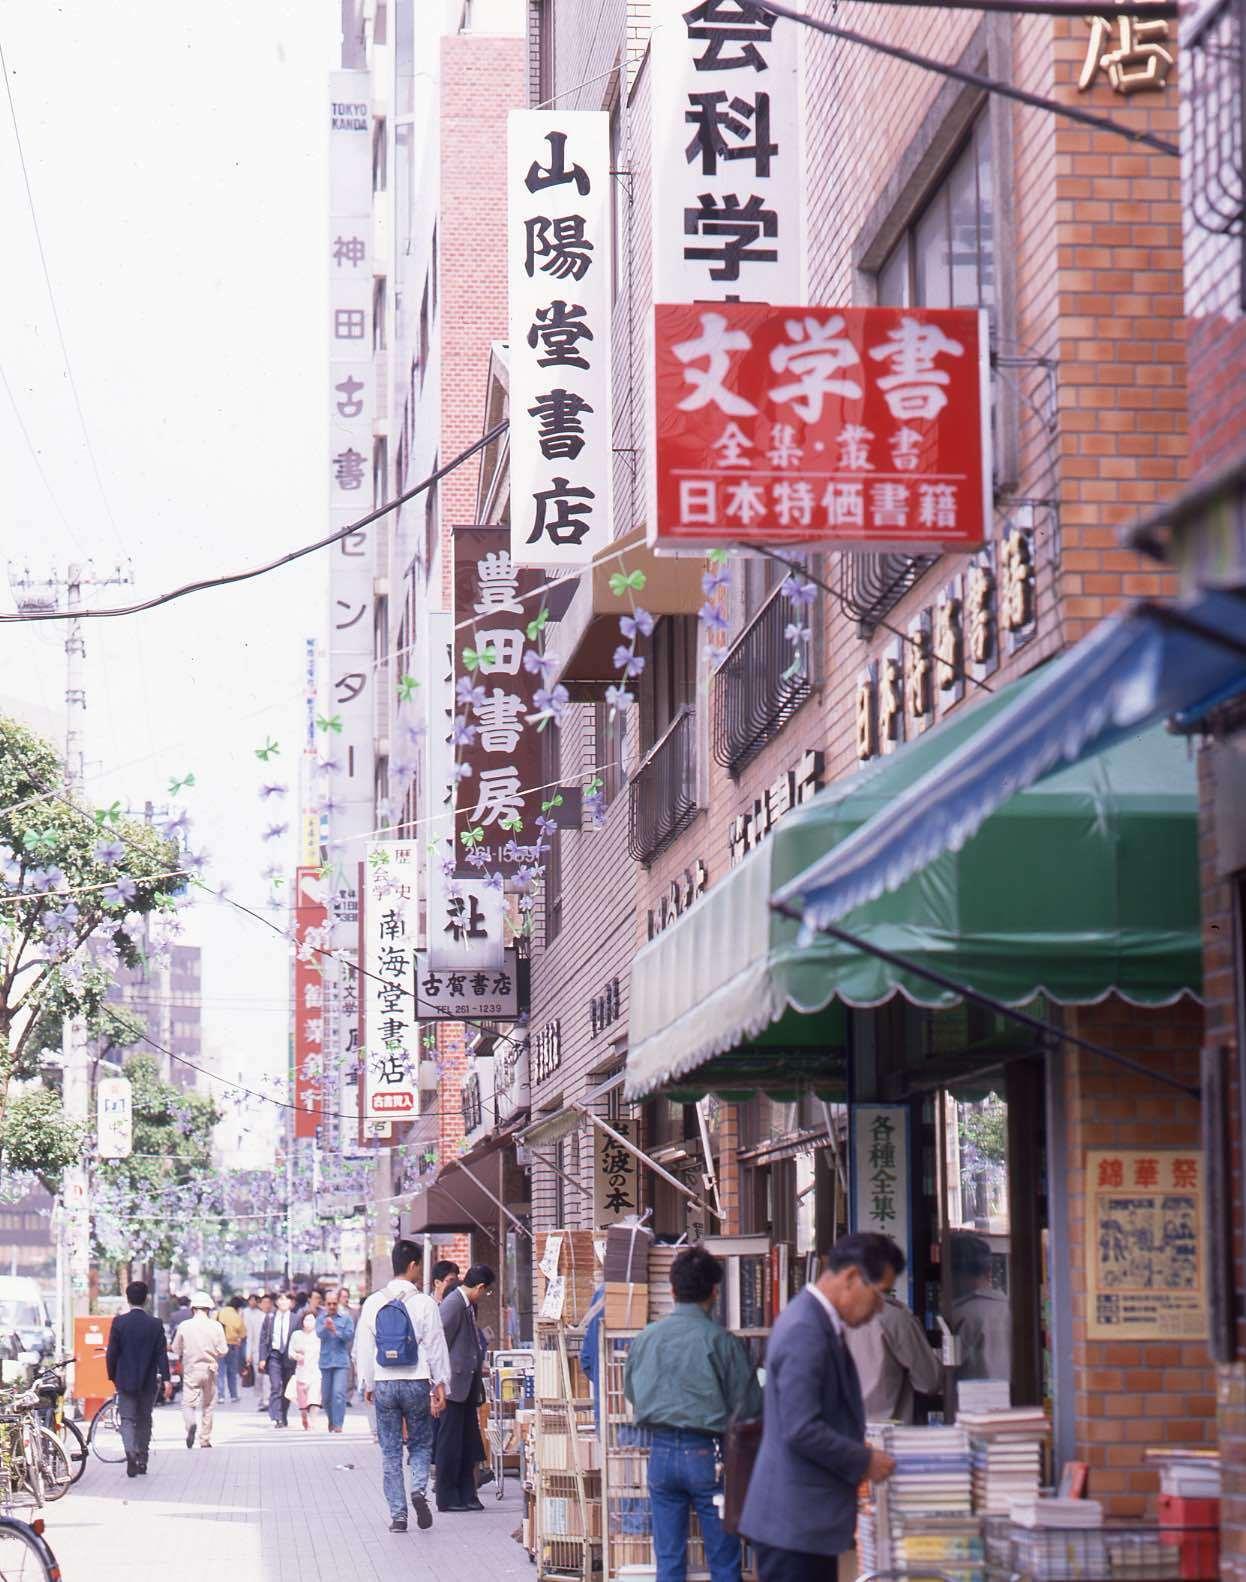 1980年代:神田神保町の風景: 専修大学商学部 わたゼミ研究室